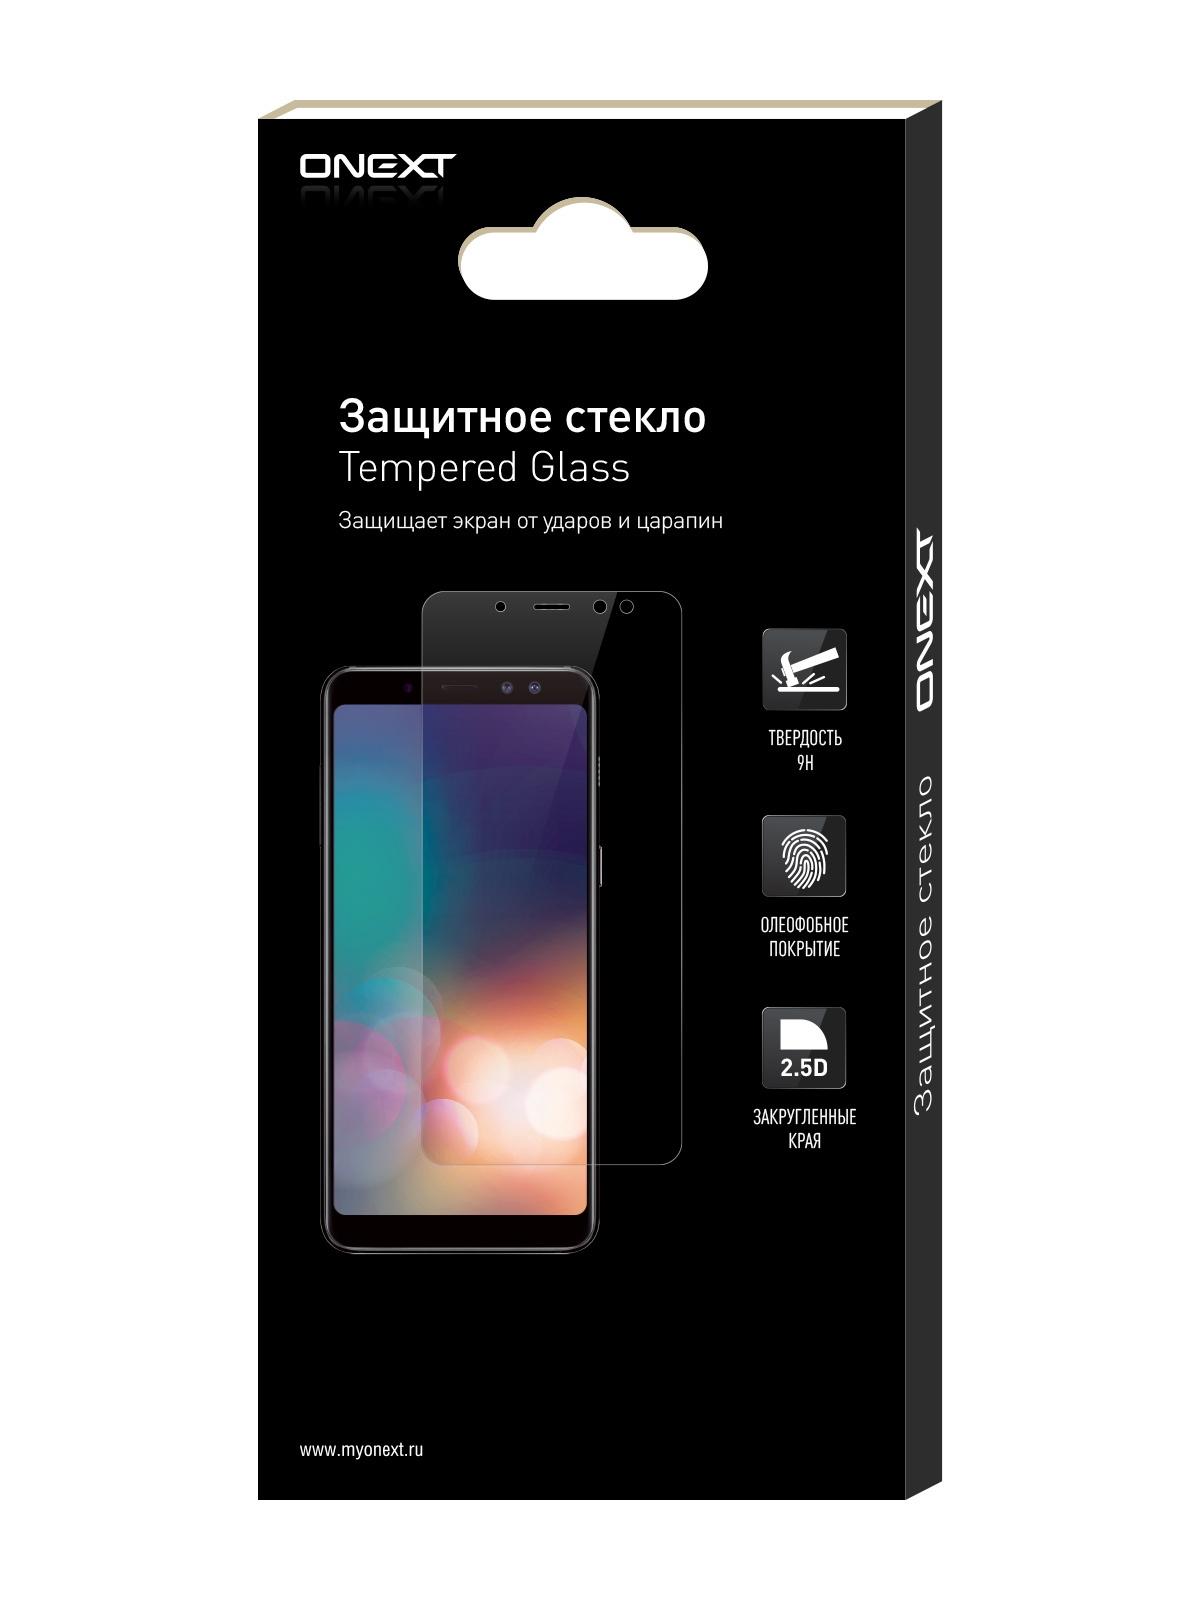 Защитное стекло ONEXT Asus Zenfone 3 ZE520KL стоимость